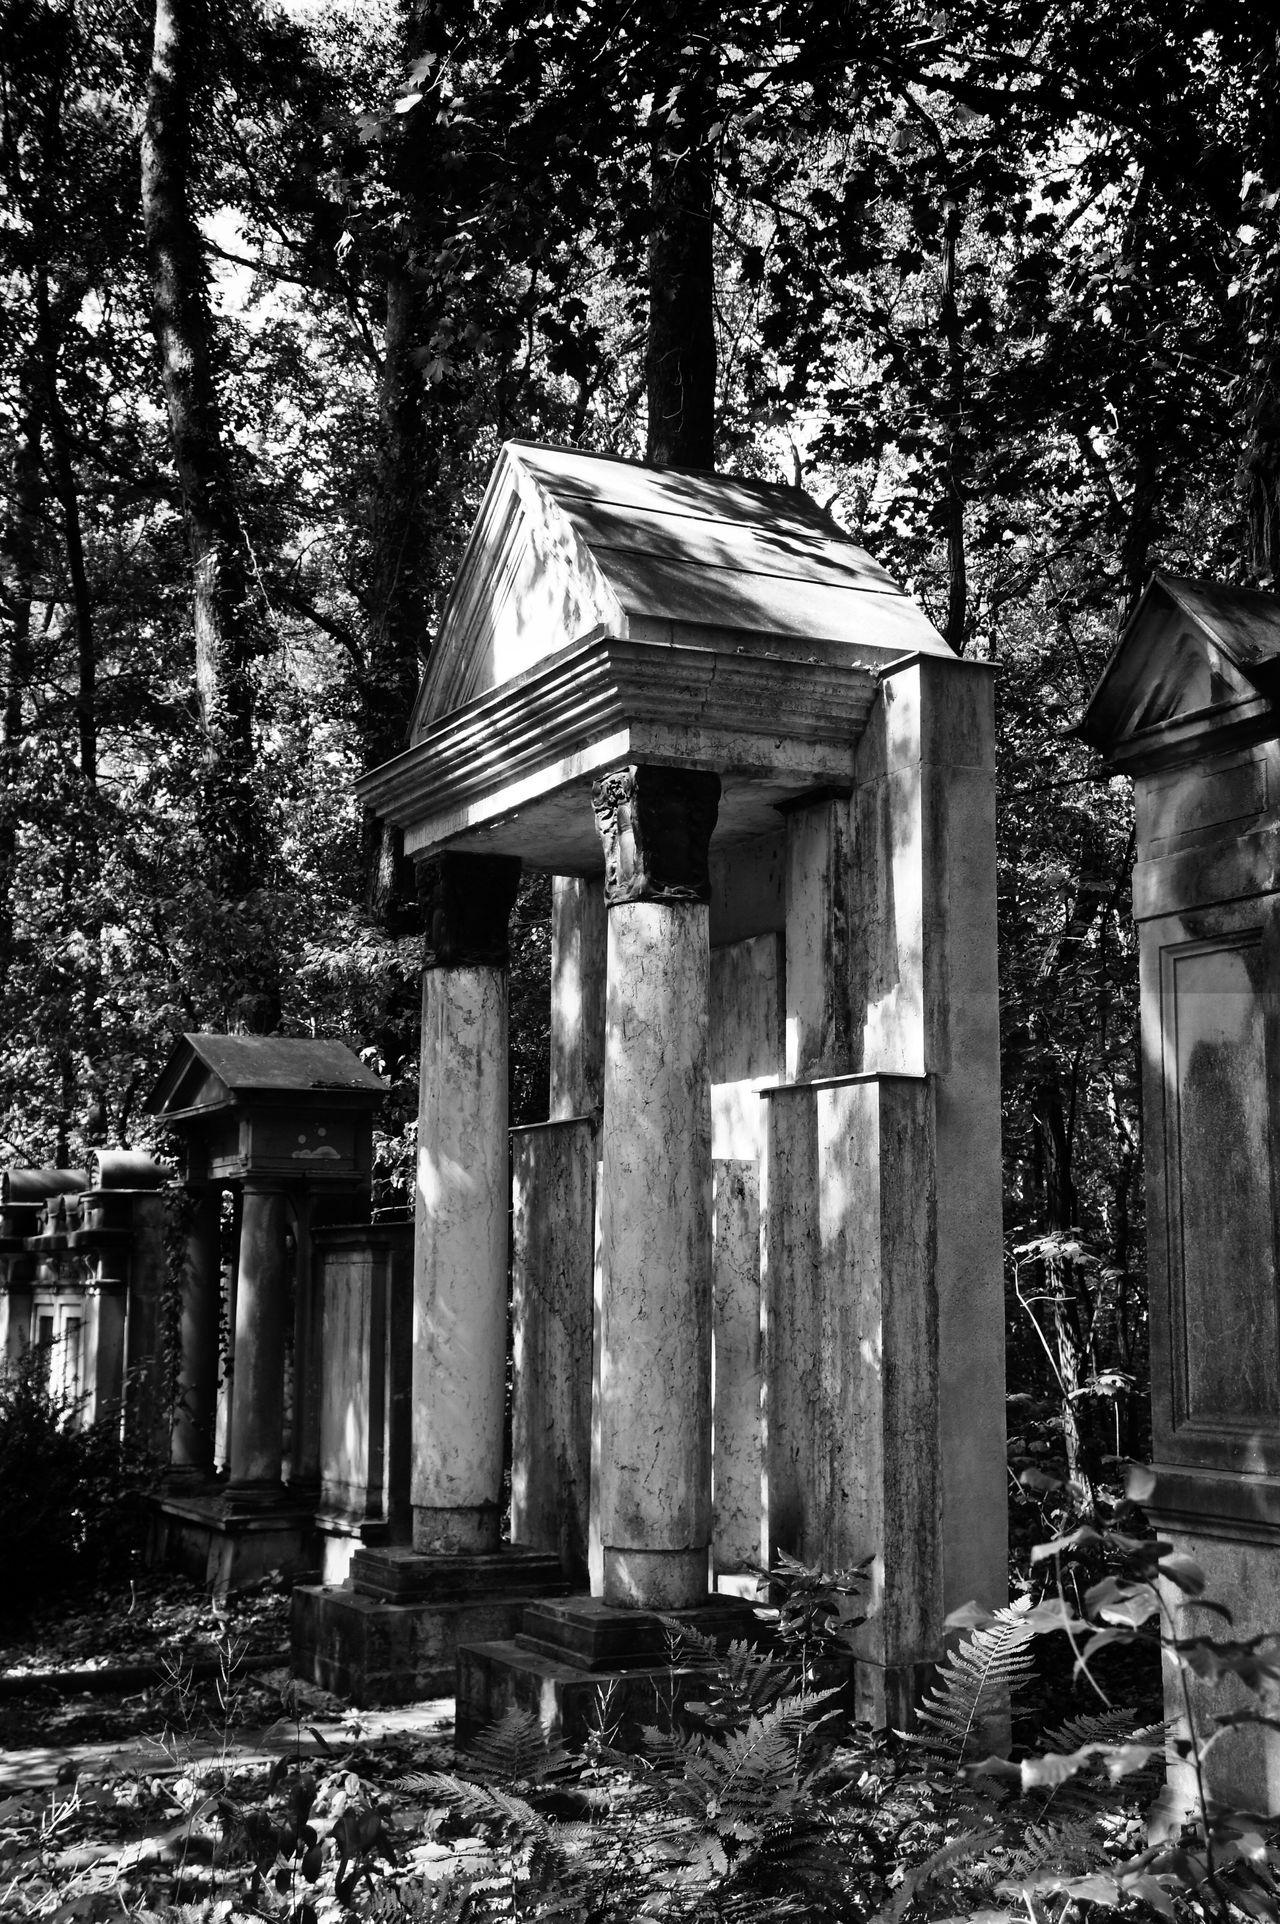 Fortheloveofblackandwhite Blackandwhite Schwarz & Weiß Melancholic Landscapes Bnw_collection Architecture Architecture_bw Cemetery Graveyard Beauty Graveyard Grave Schwarzweiß